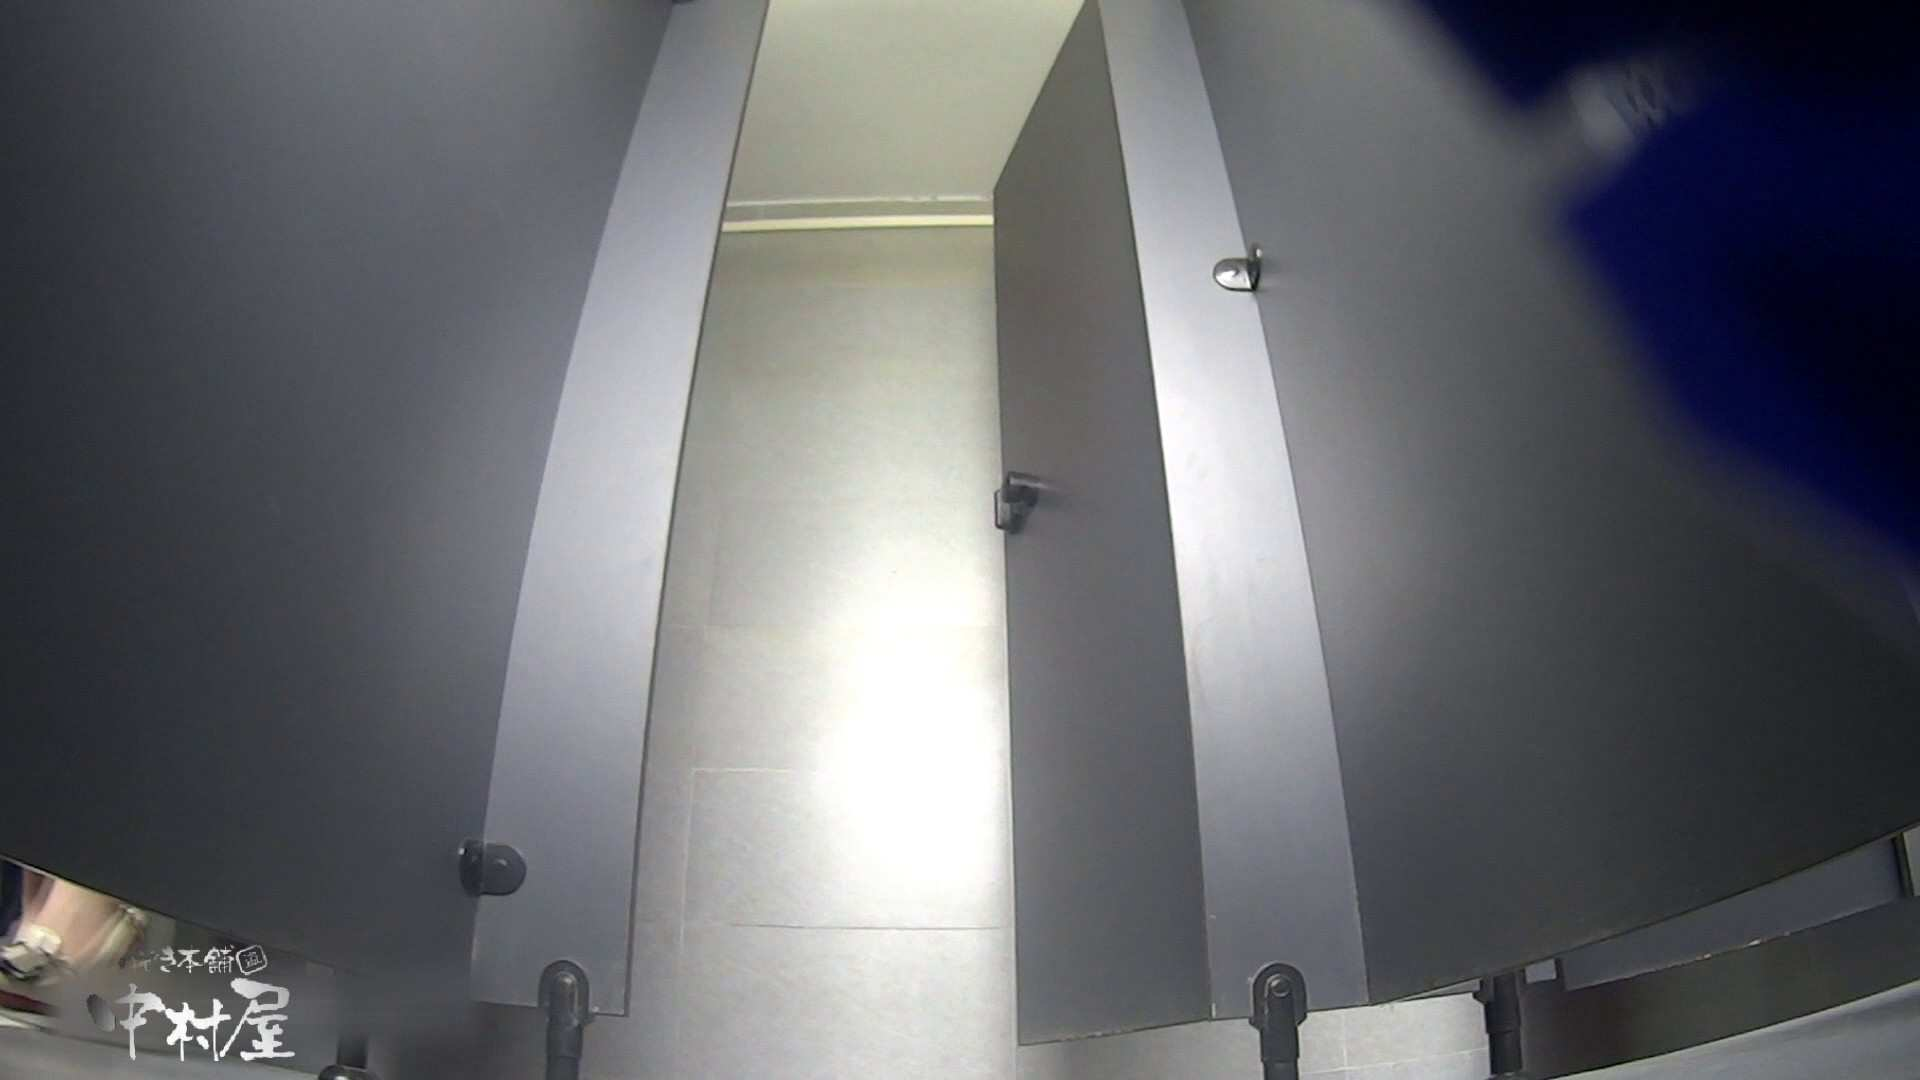 ツンデレお女市さんのトイレ事情 大学休憩時間の洗面所事情32 女性トイレ 盗み撮り動画 102pic 6